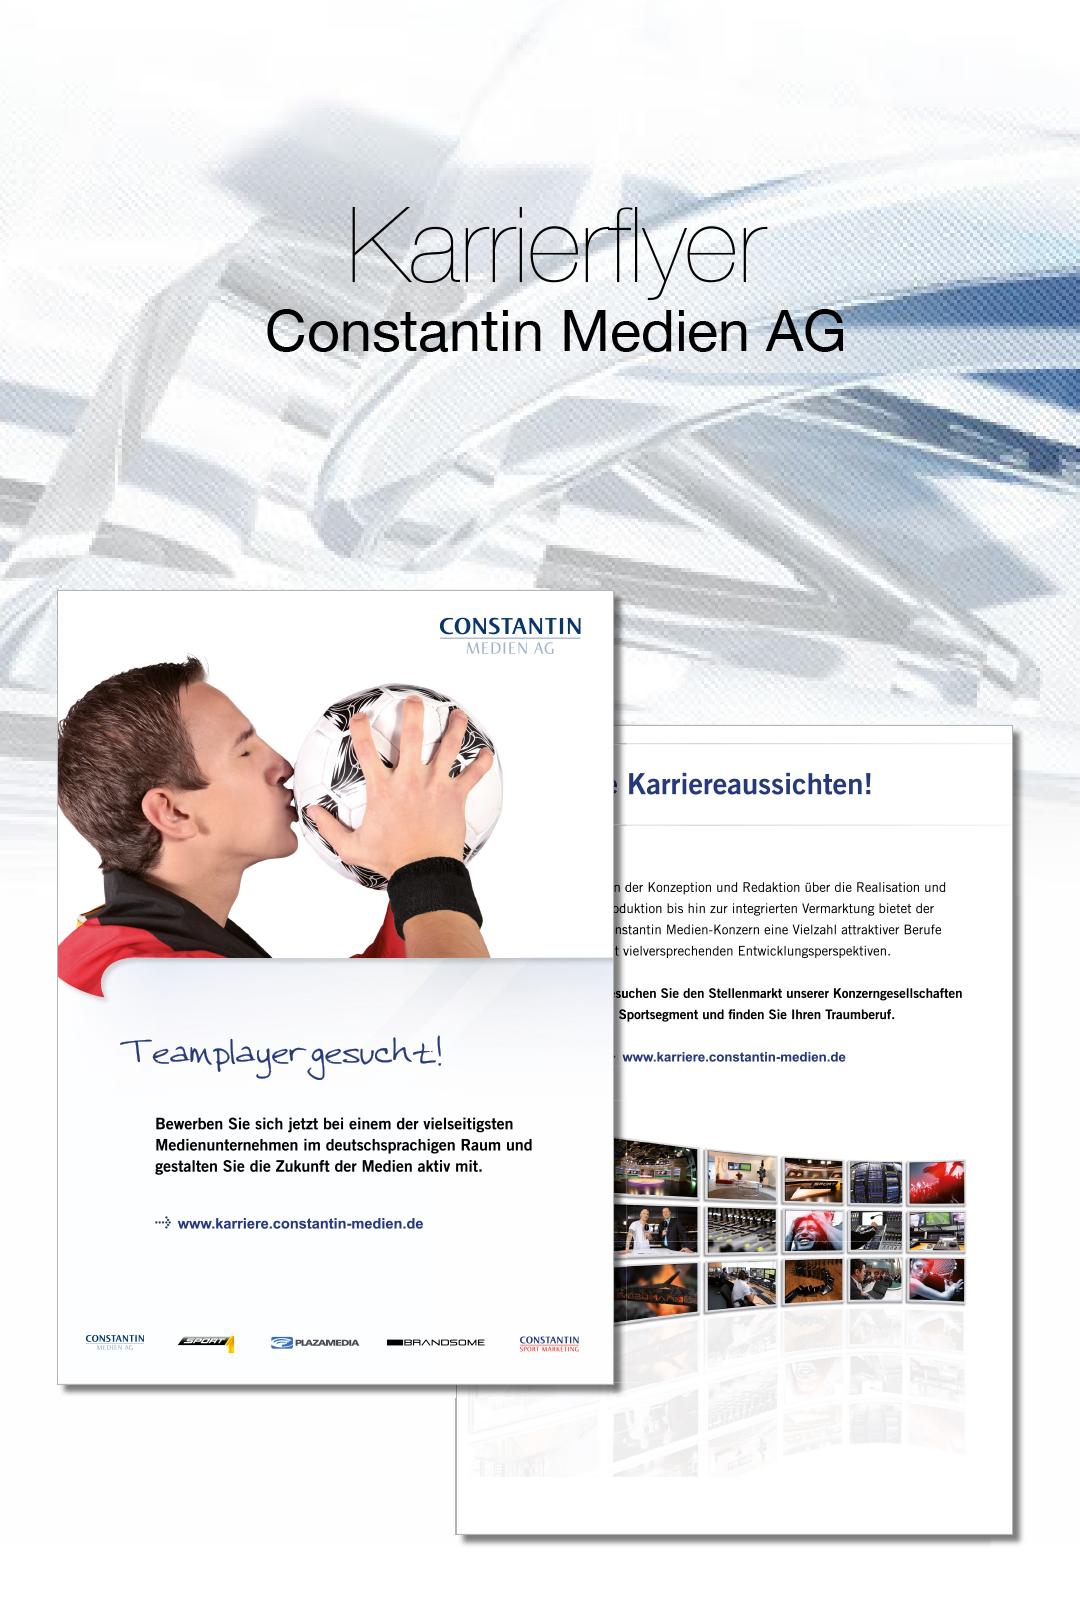 Schatzwerk_Referenzen_Constantin_Medien_AG_3